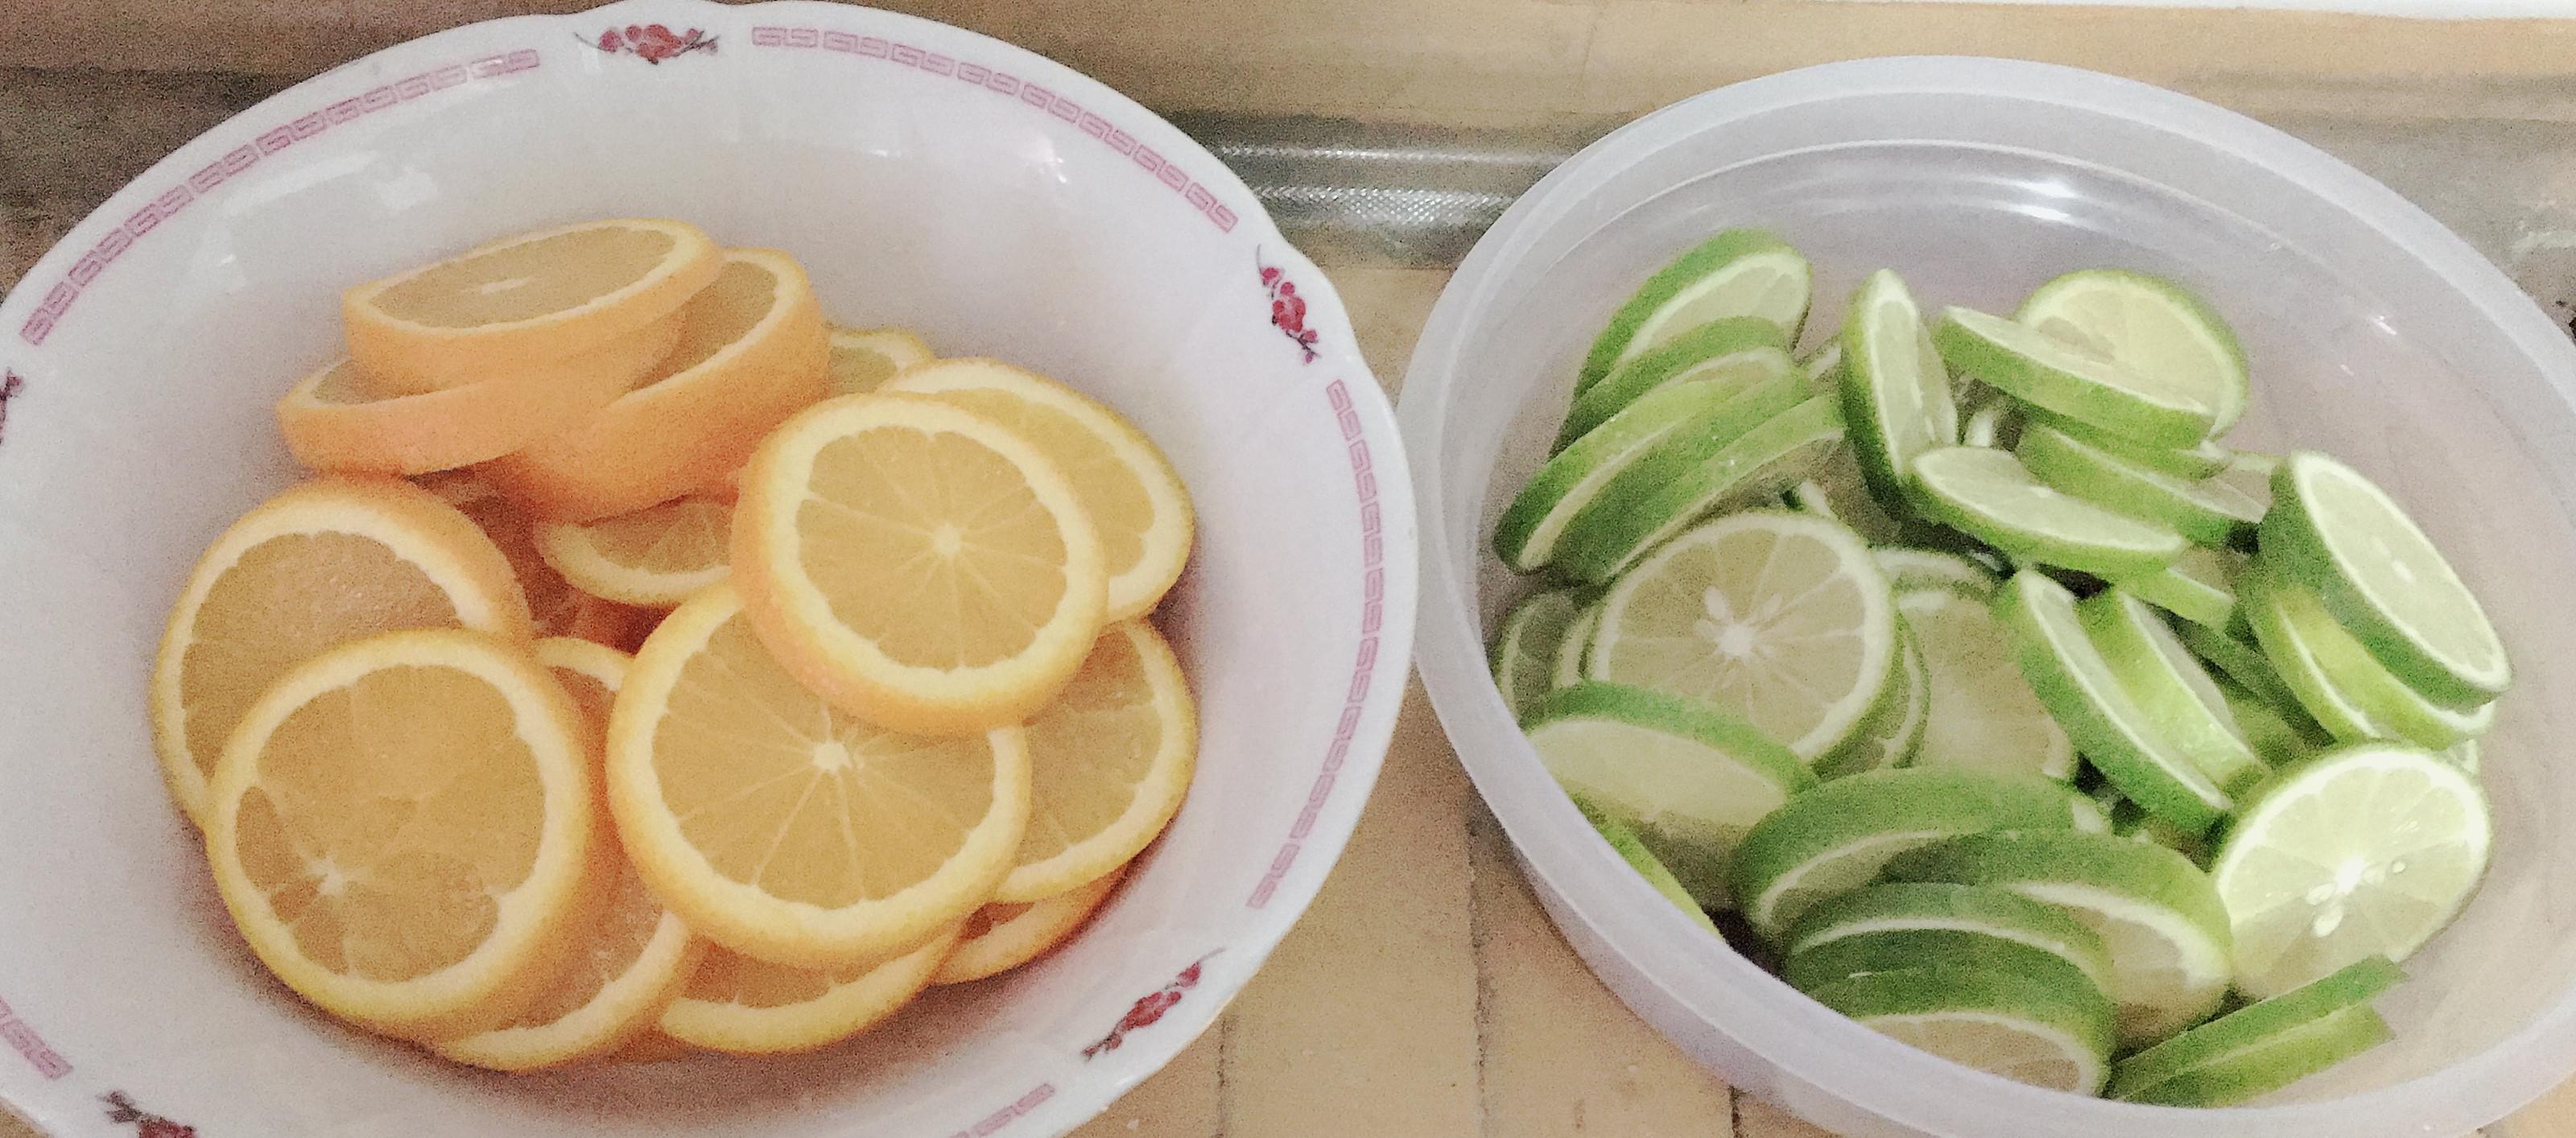 10分鐘快速料理「橙檸蜜」